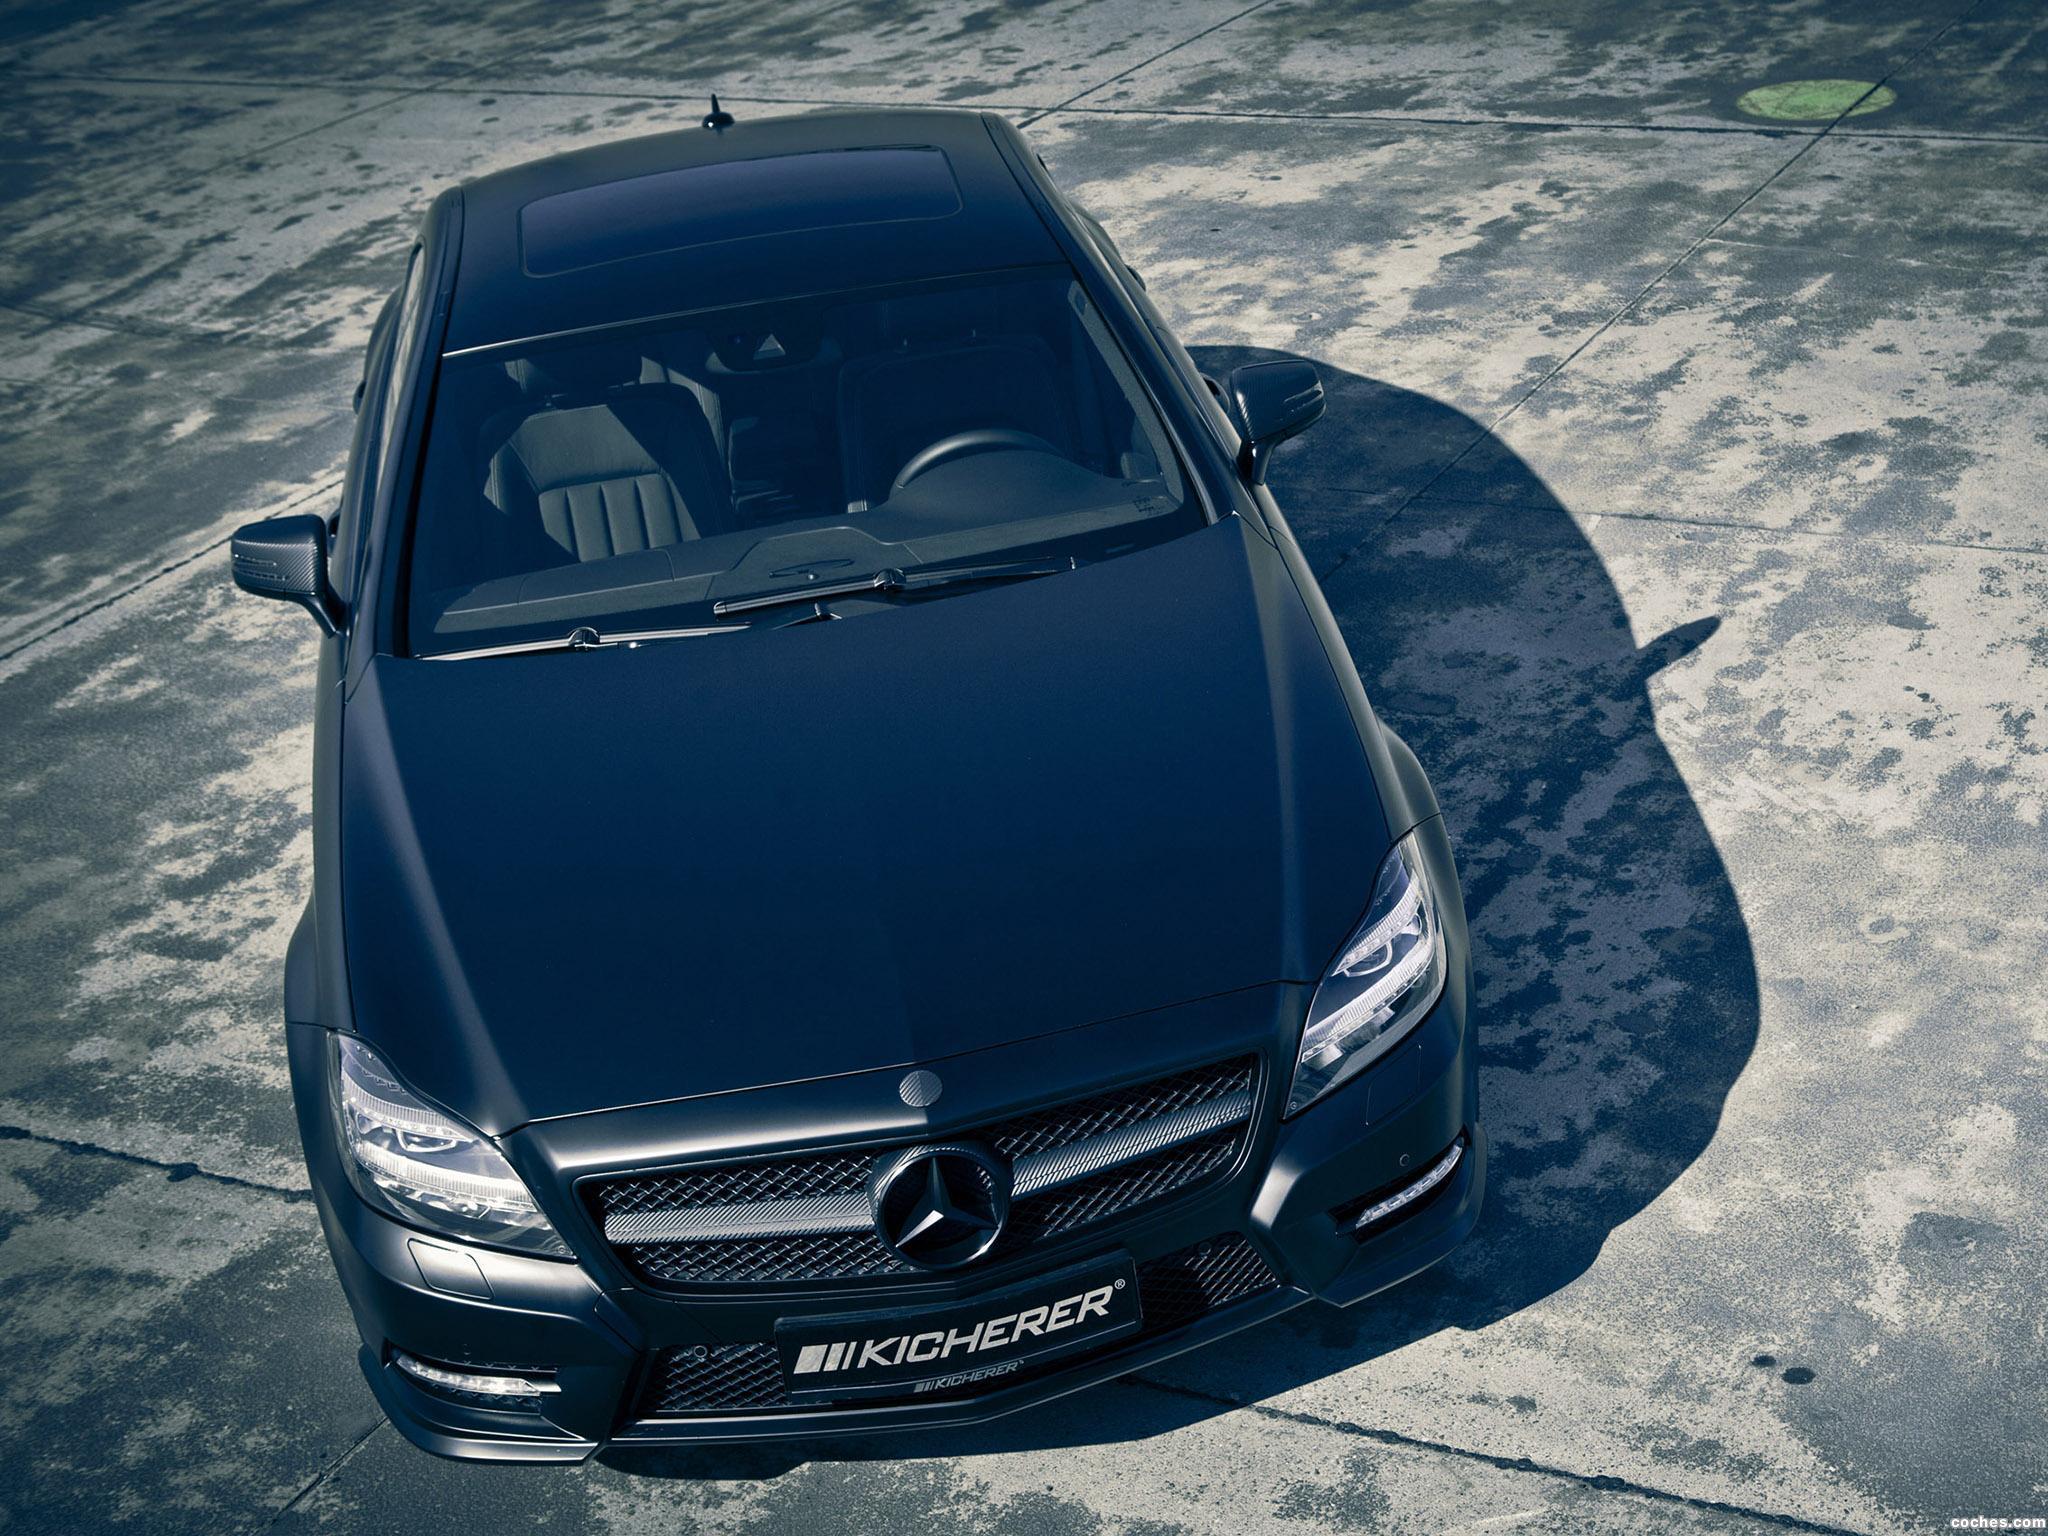 Foto 0 de Kicherer Mercedes Clase CLS Edition Black 2011